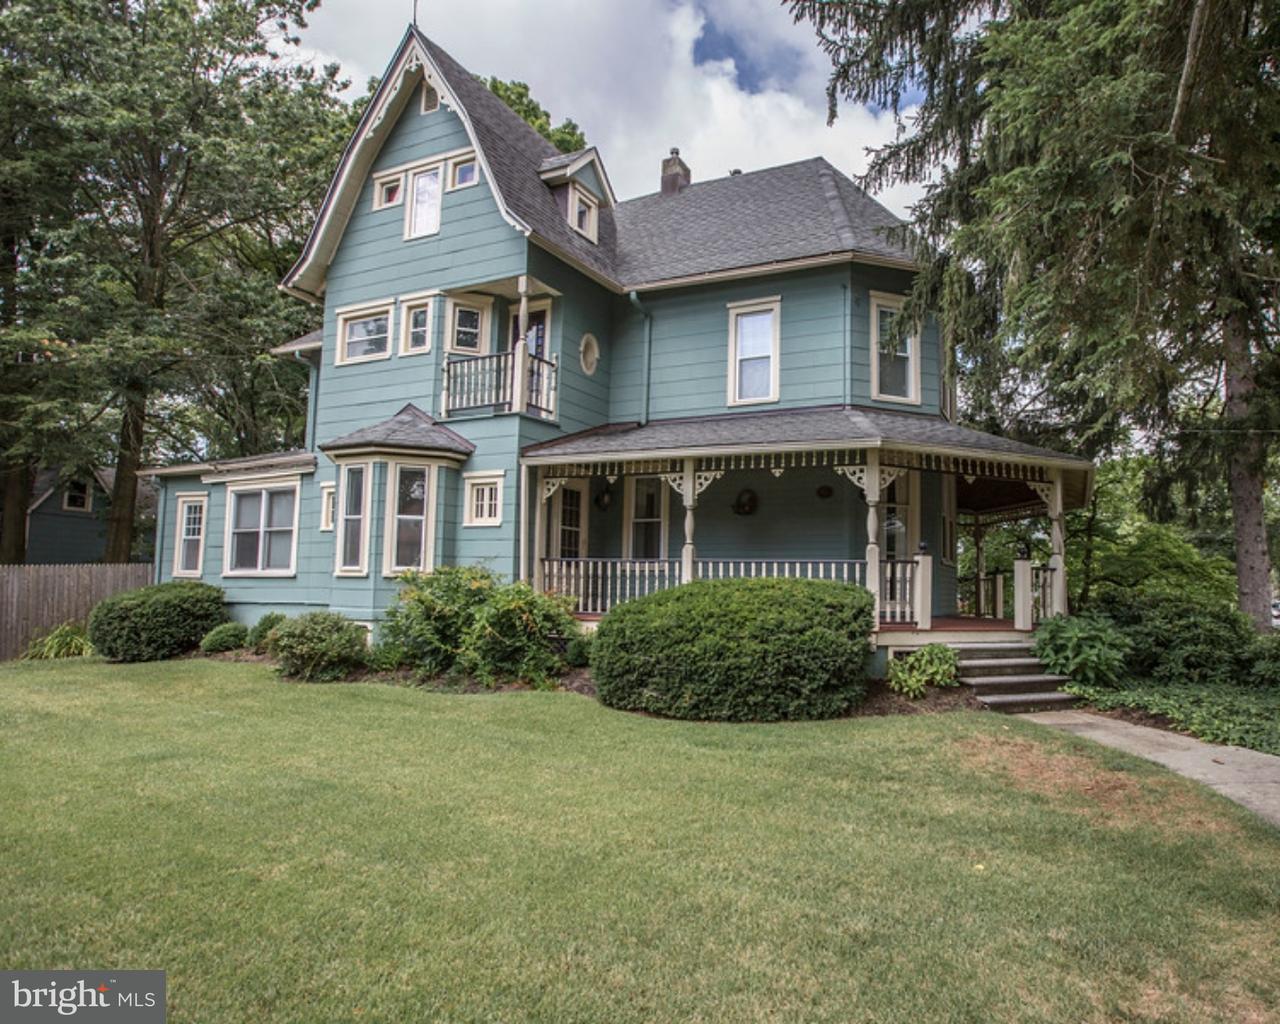 Casa Unifamiliar por un Venta en 648 LINWOOD Avenue Collingswood, Nueva Jersey 08108 Estados Unidos